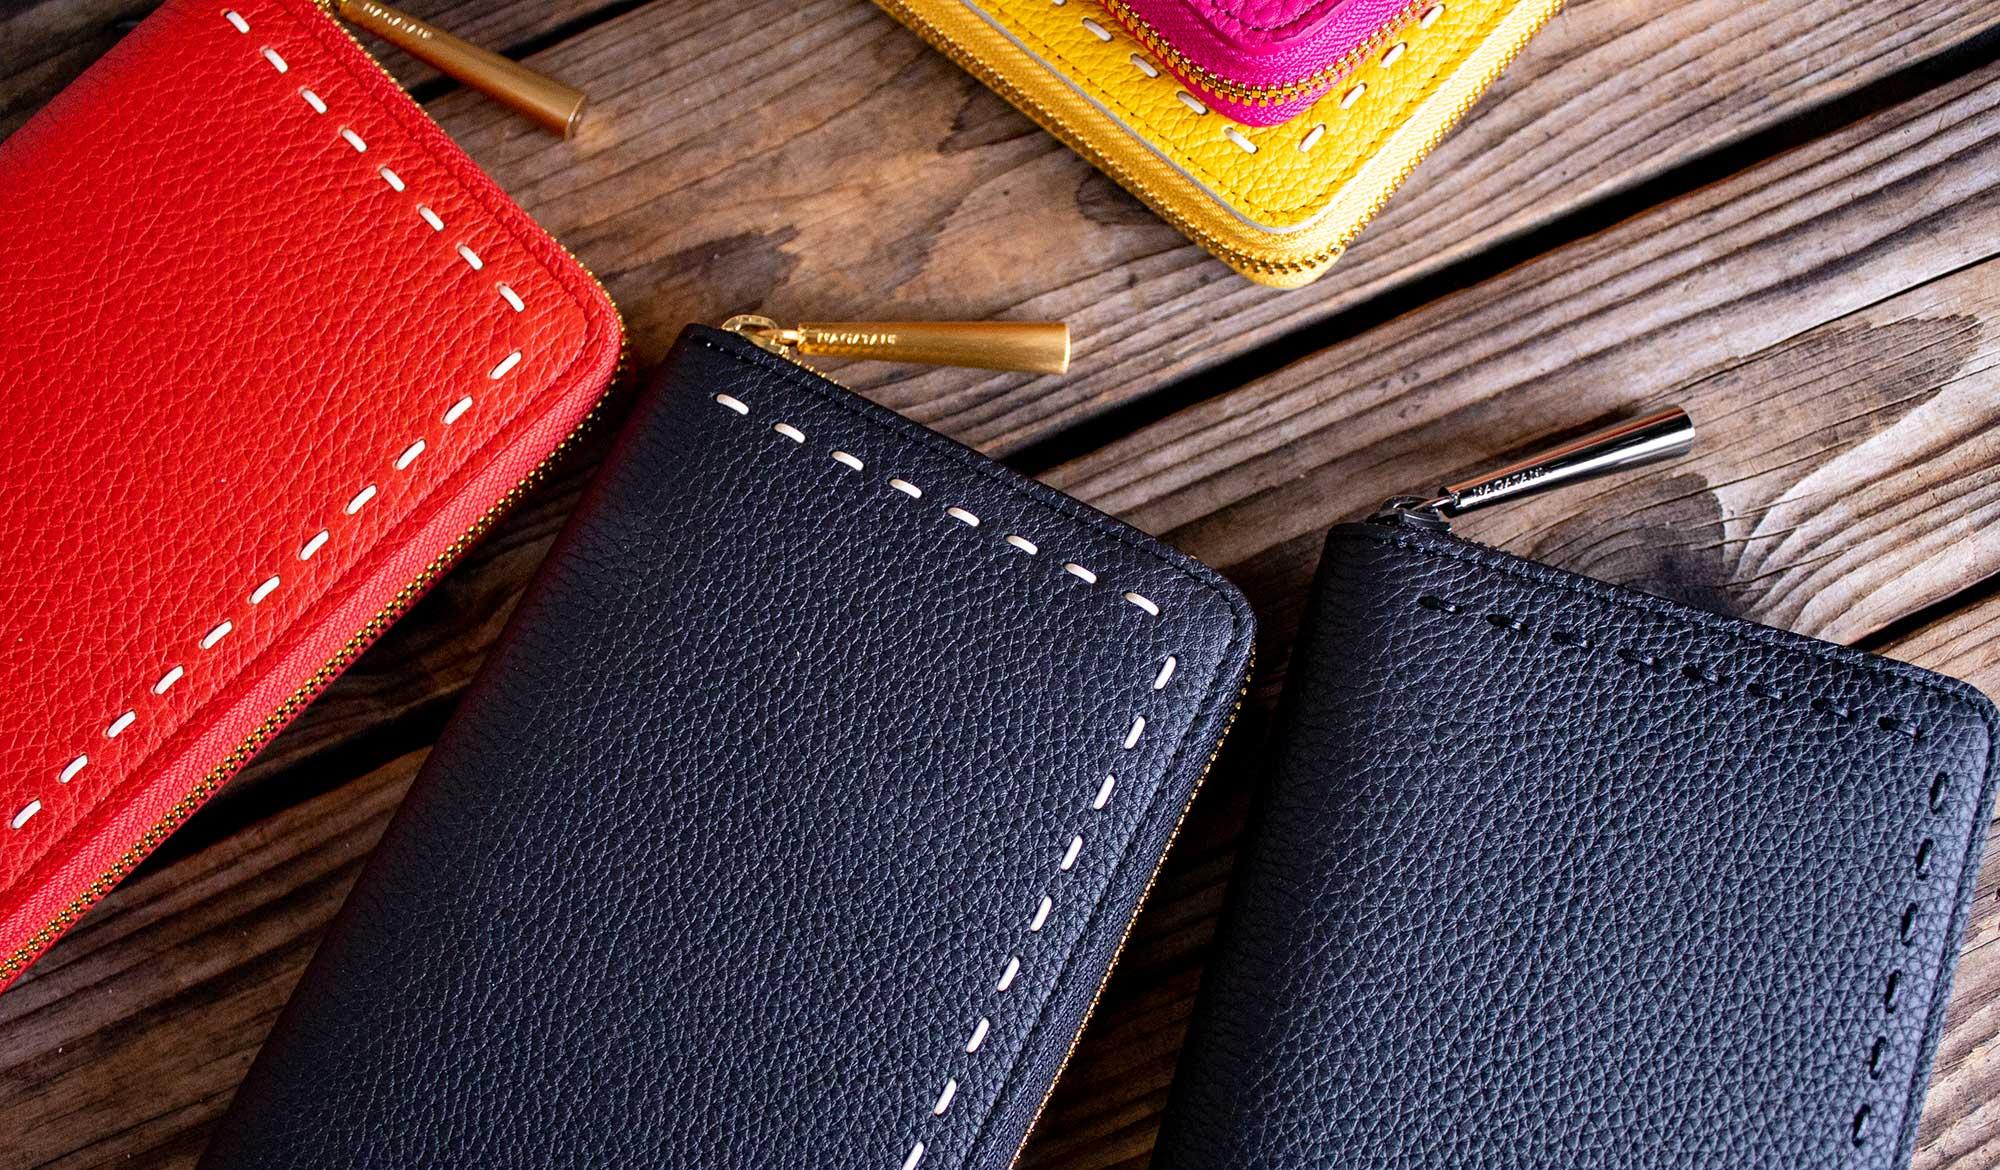 最高級シュリンクレザー・エスポワールで造る日本製のラウンドジッパー長財布[本革ウォレット]SAHOに秋の新色!秋財布の季節だよ。